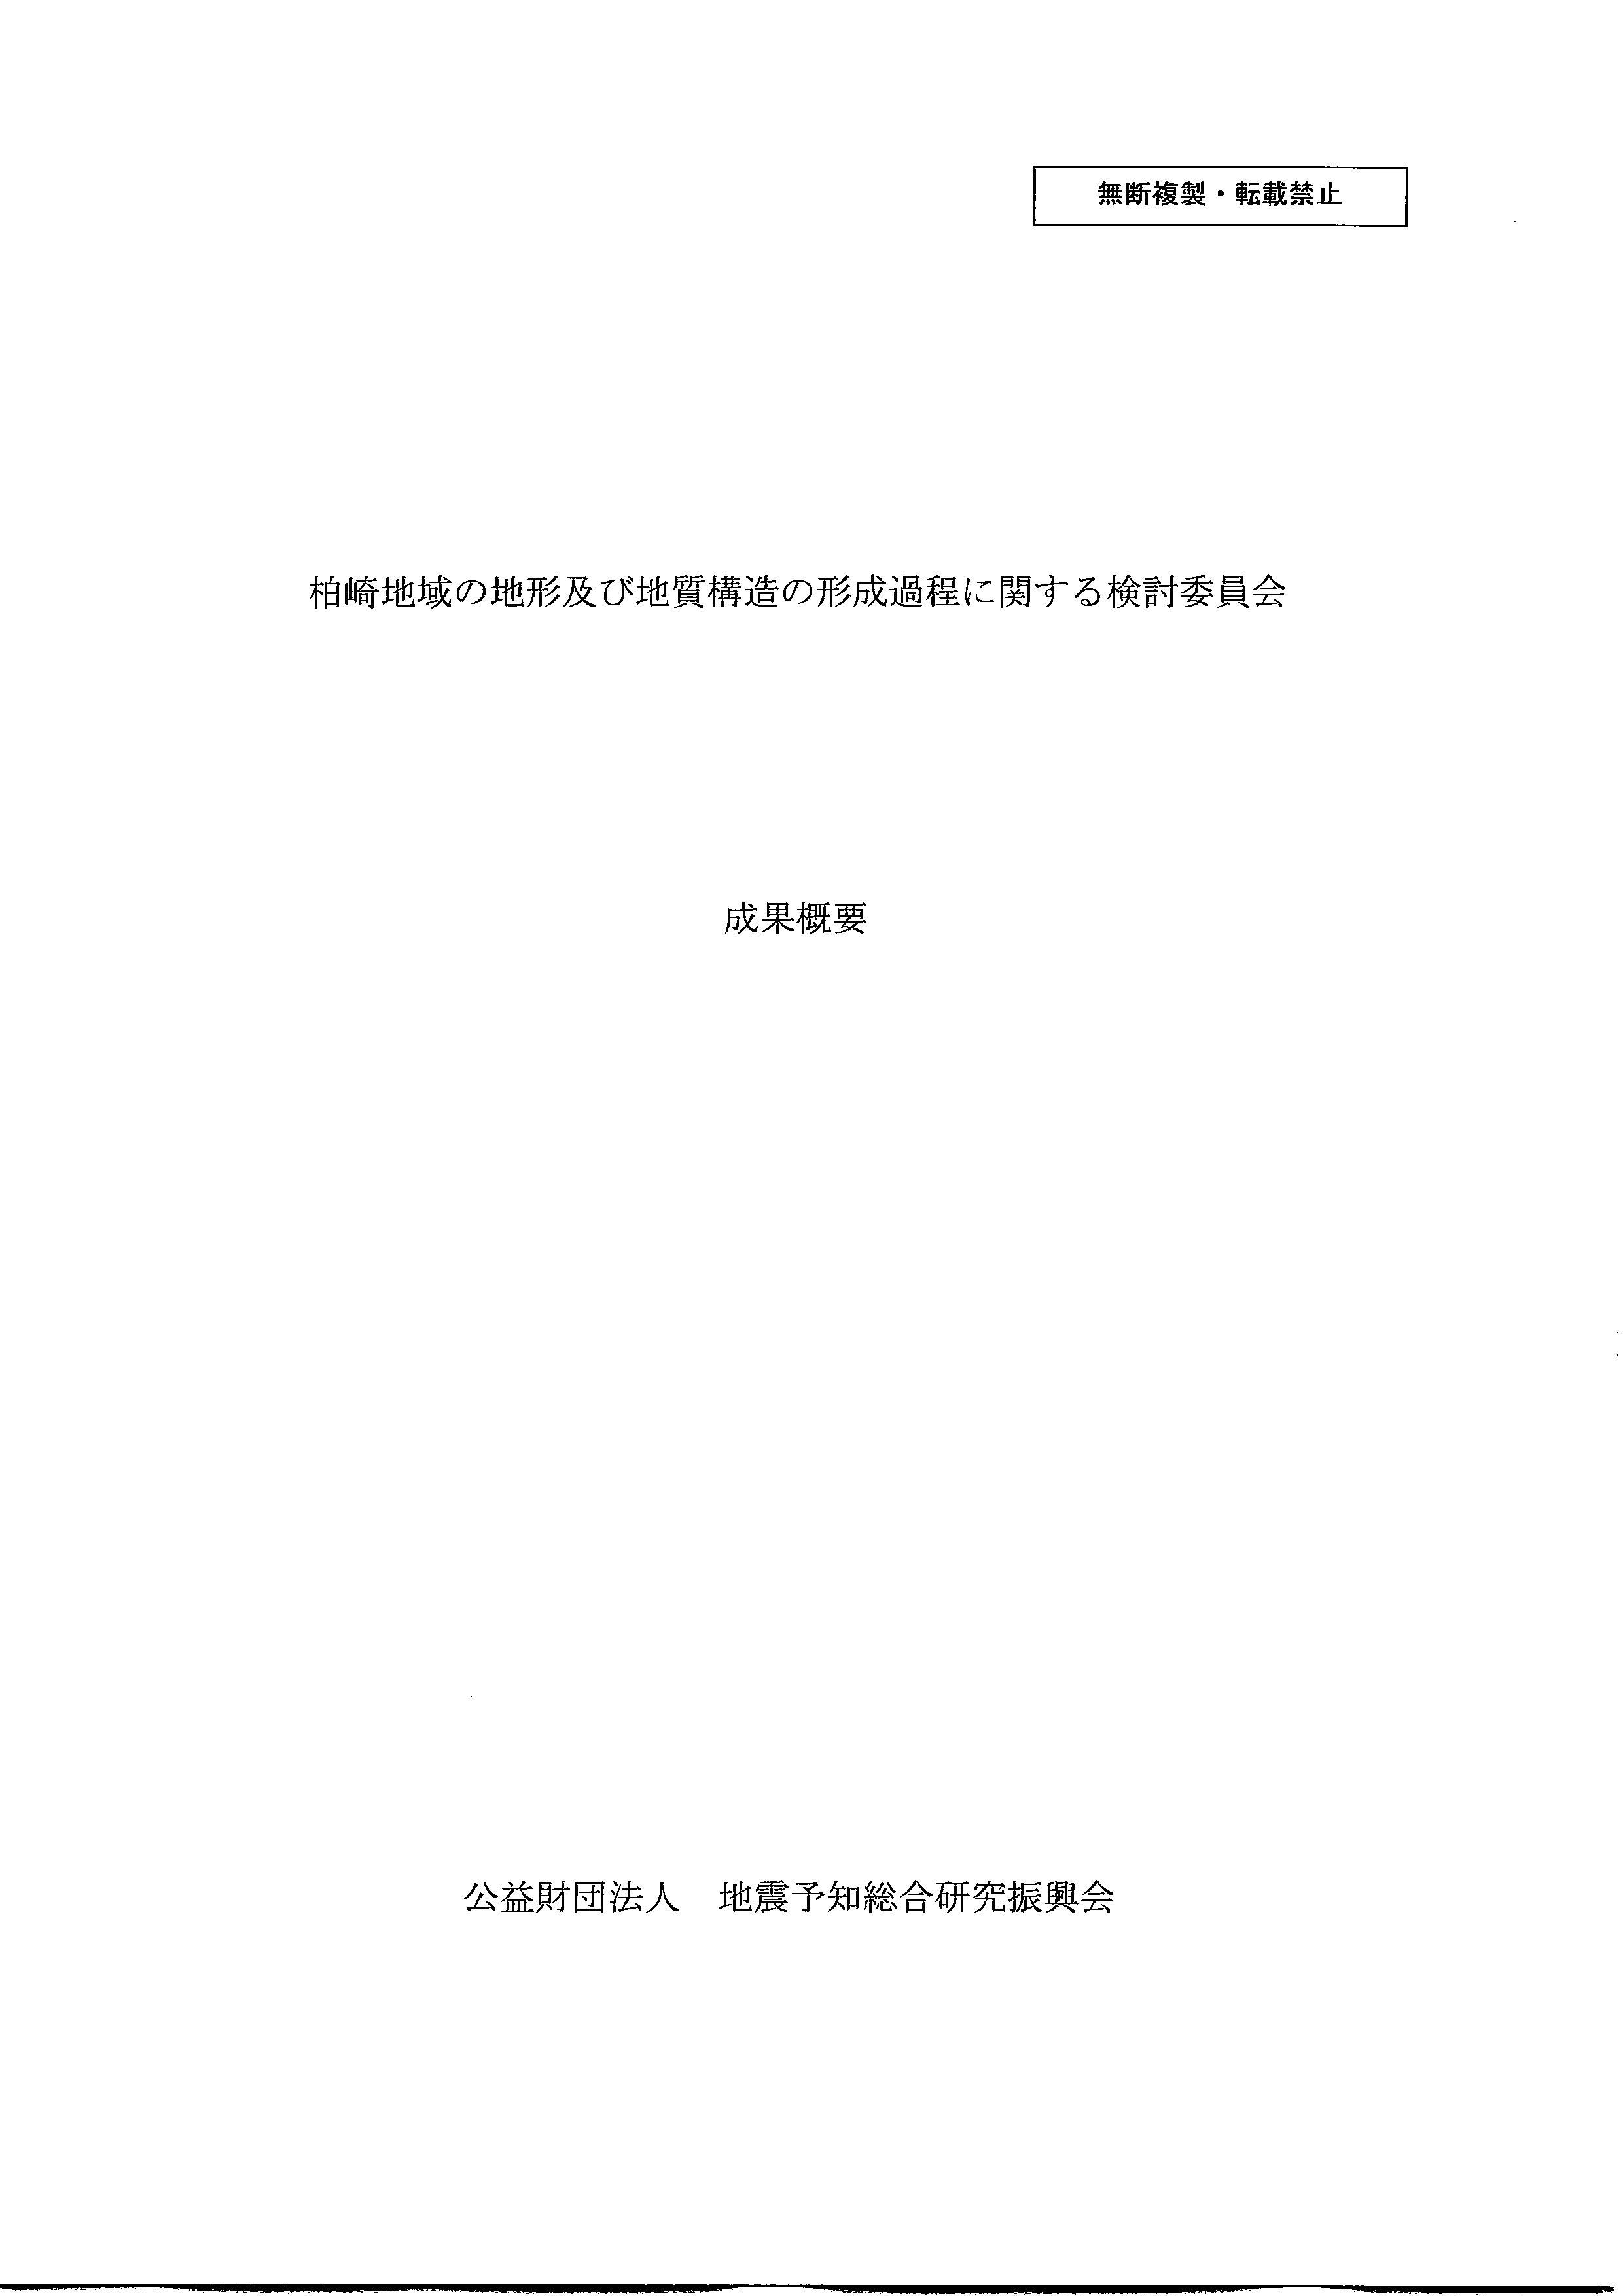 20131018160355048.jpg